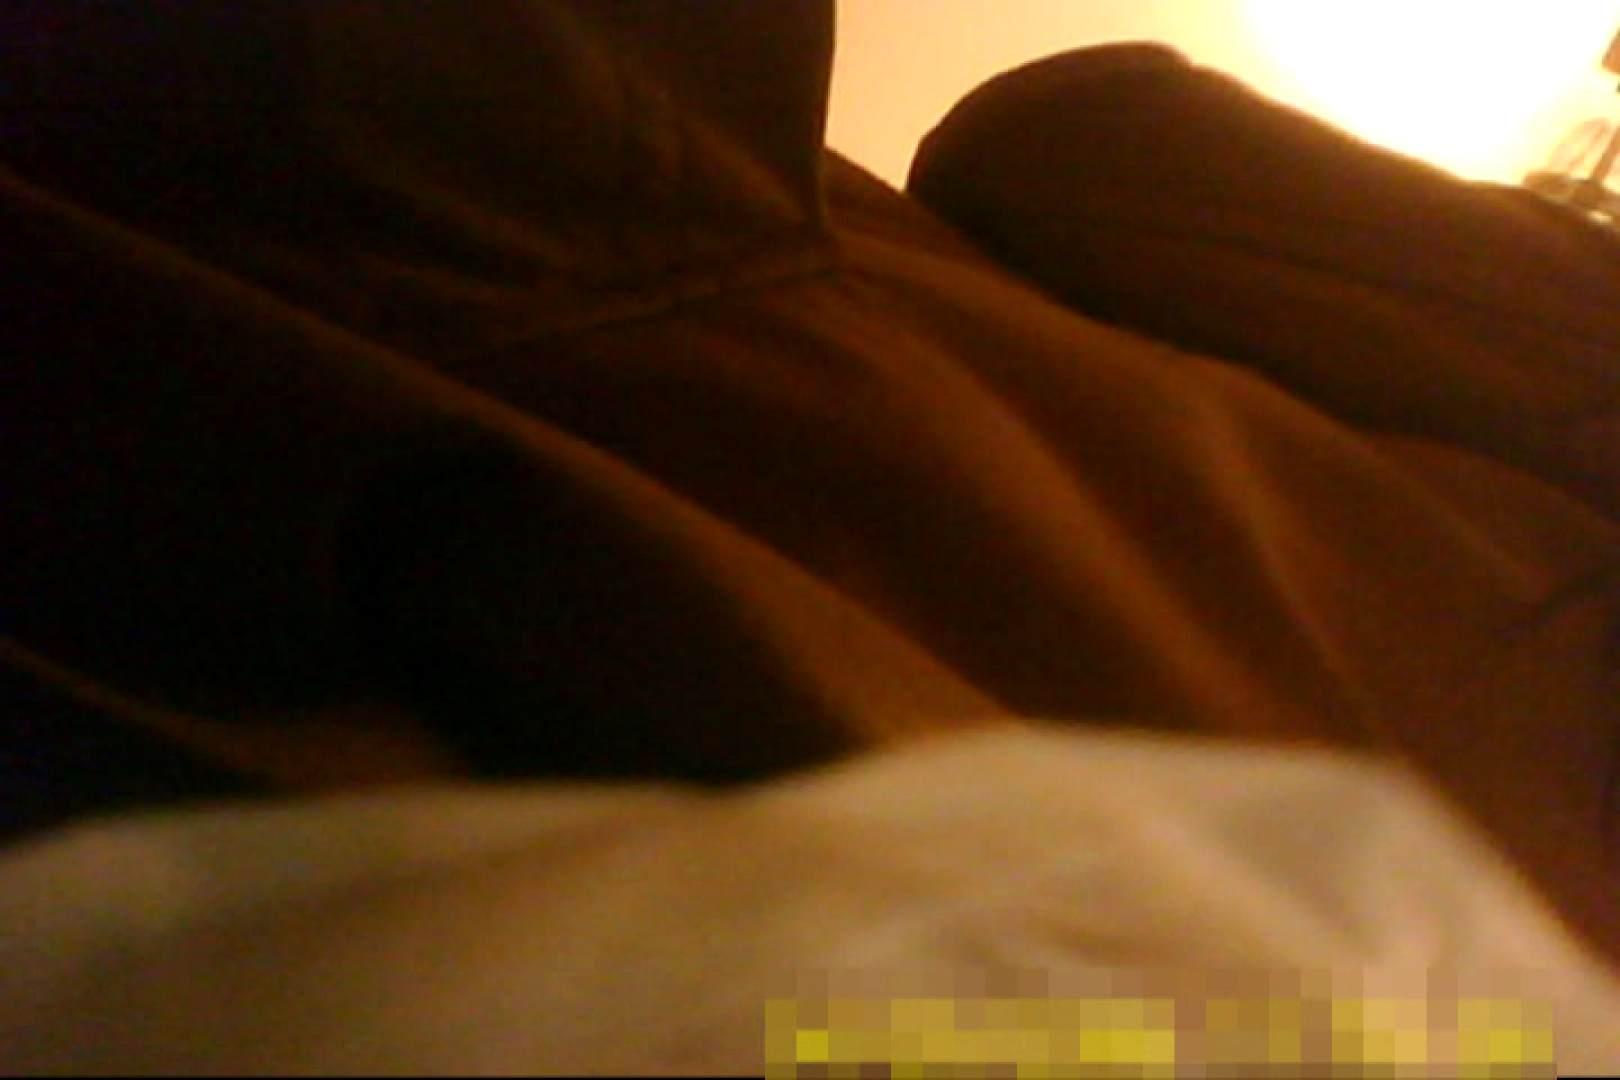 魅惑の化粧室~禁断のプライベート空間~vol.8 熟女   HなOL  68pic 58